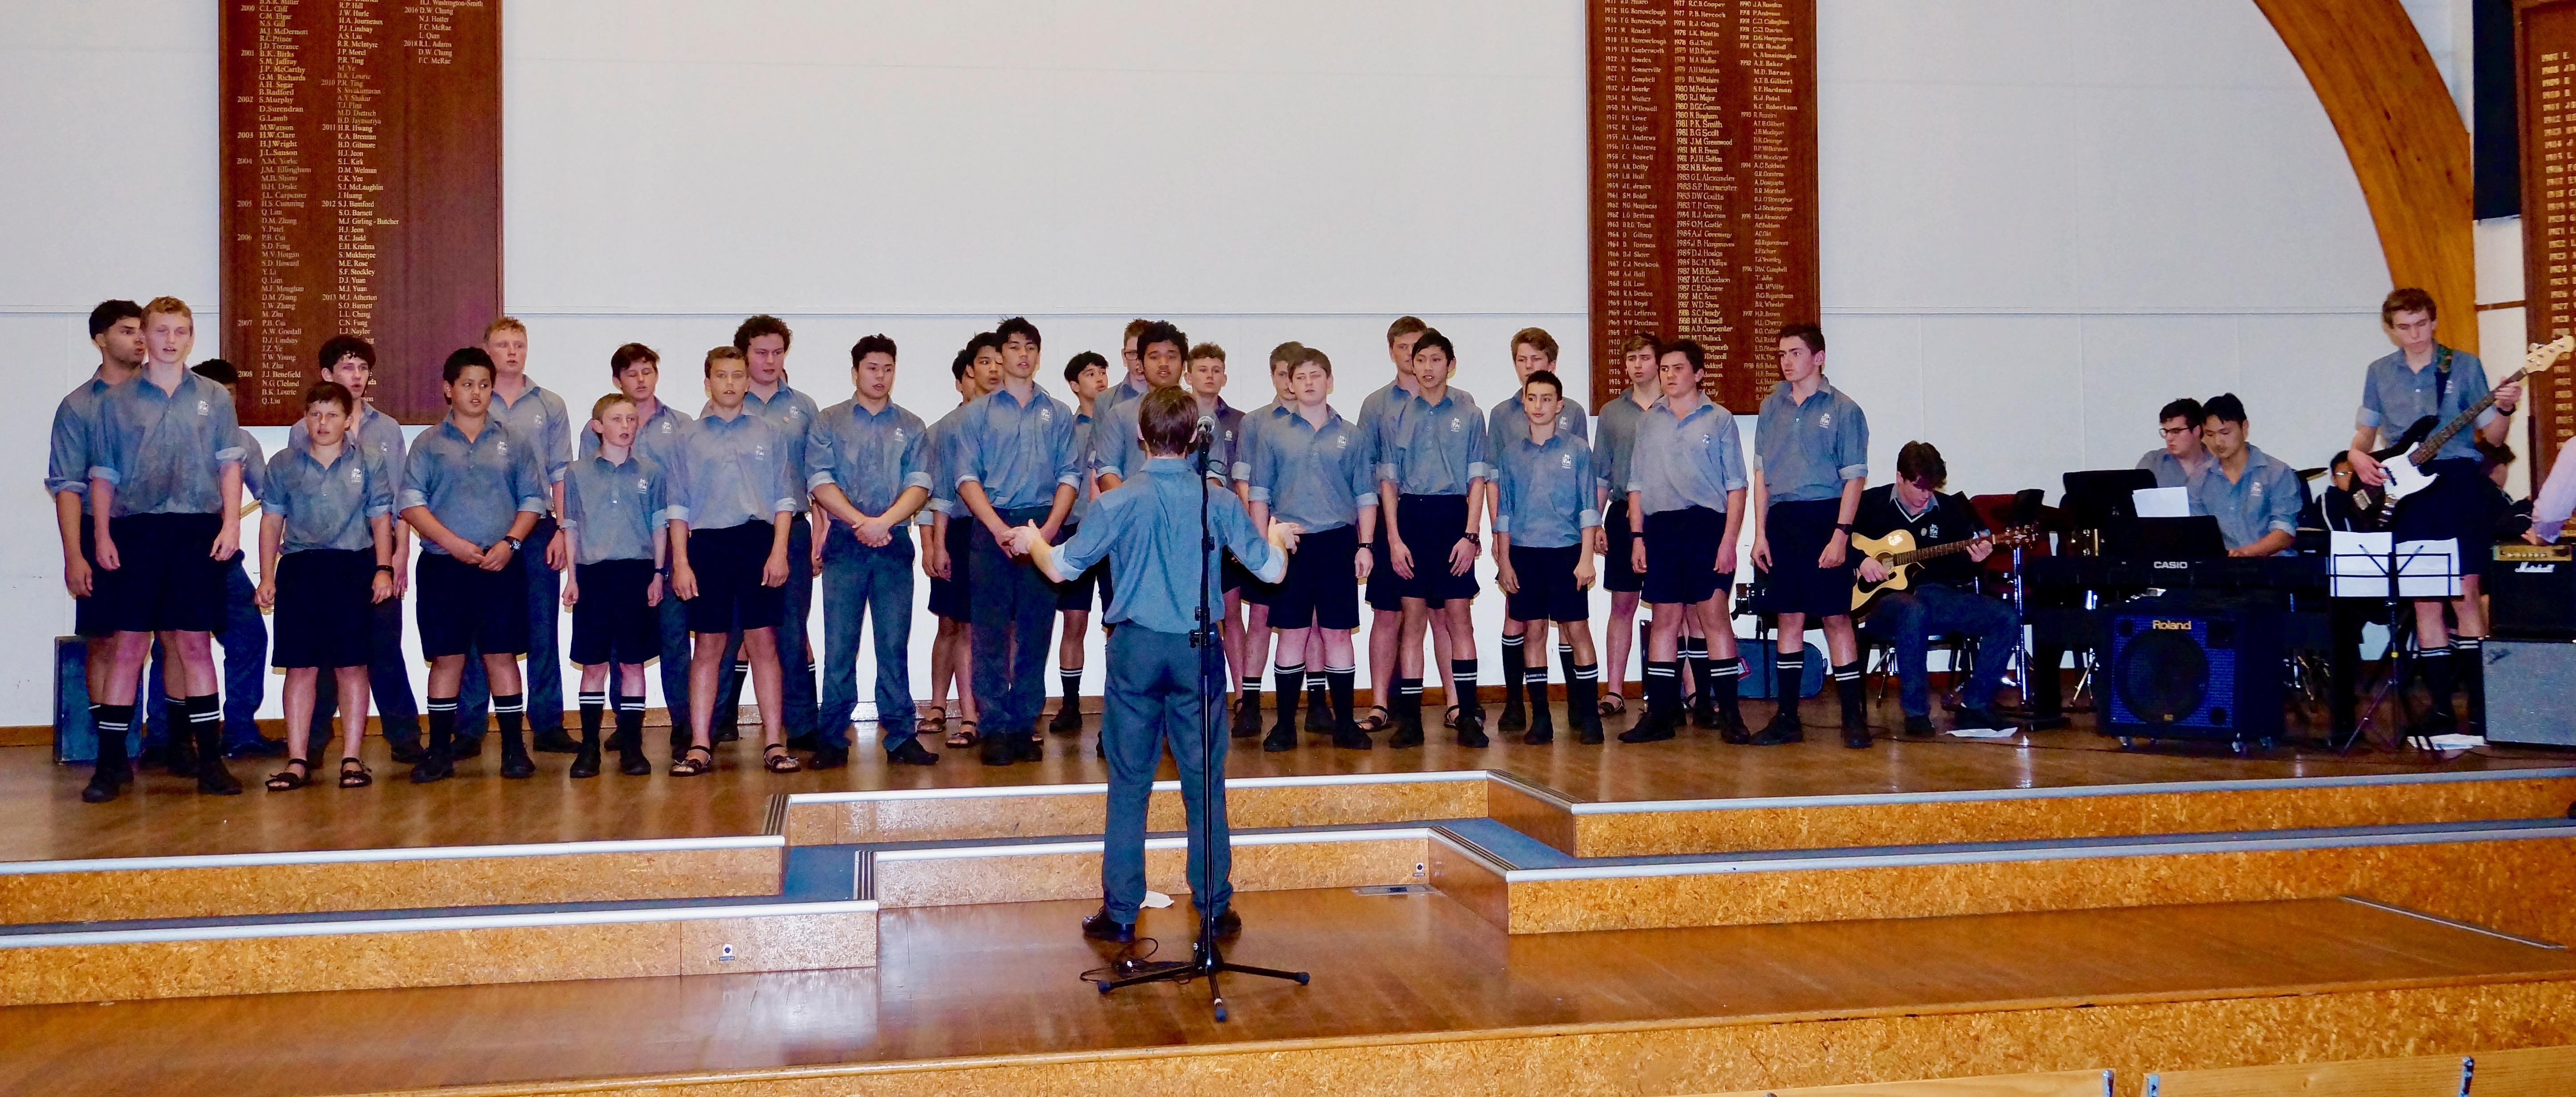 Shand Choral 8